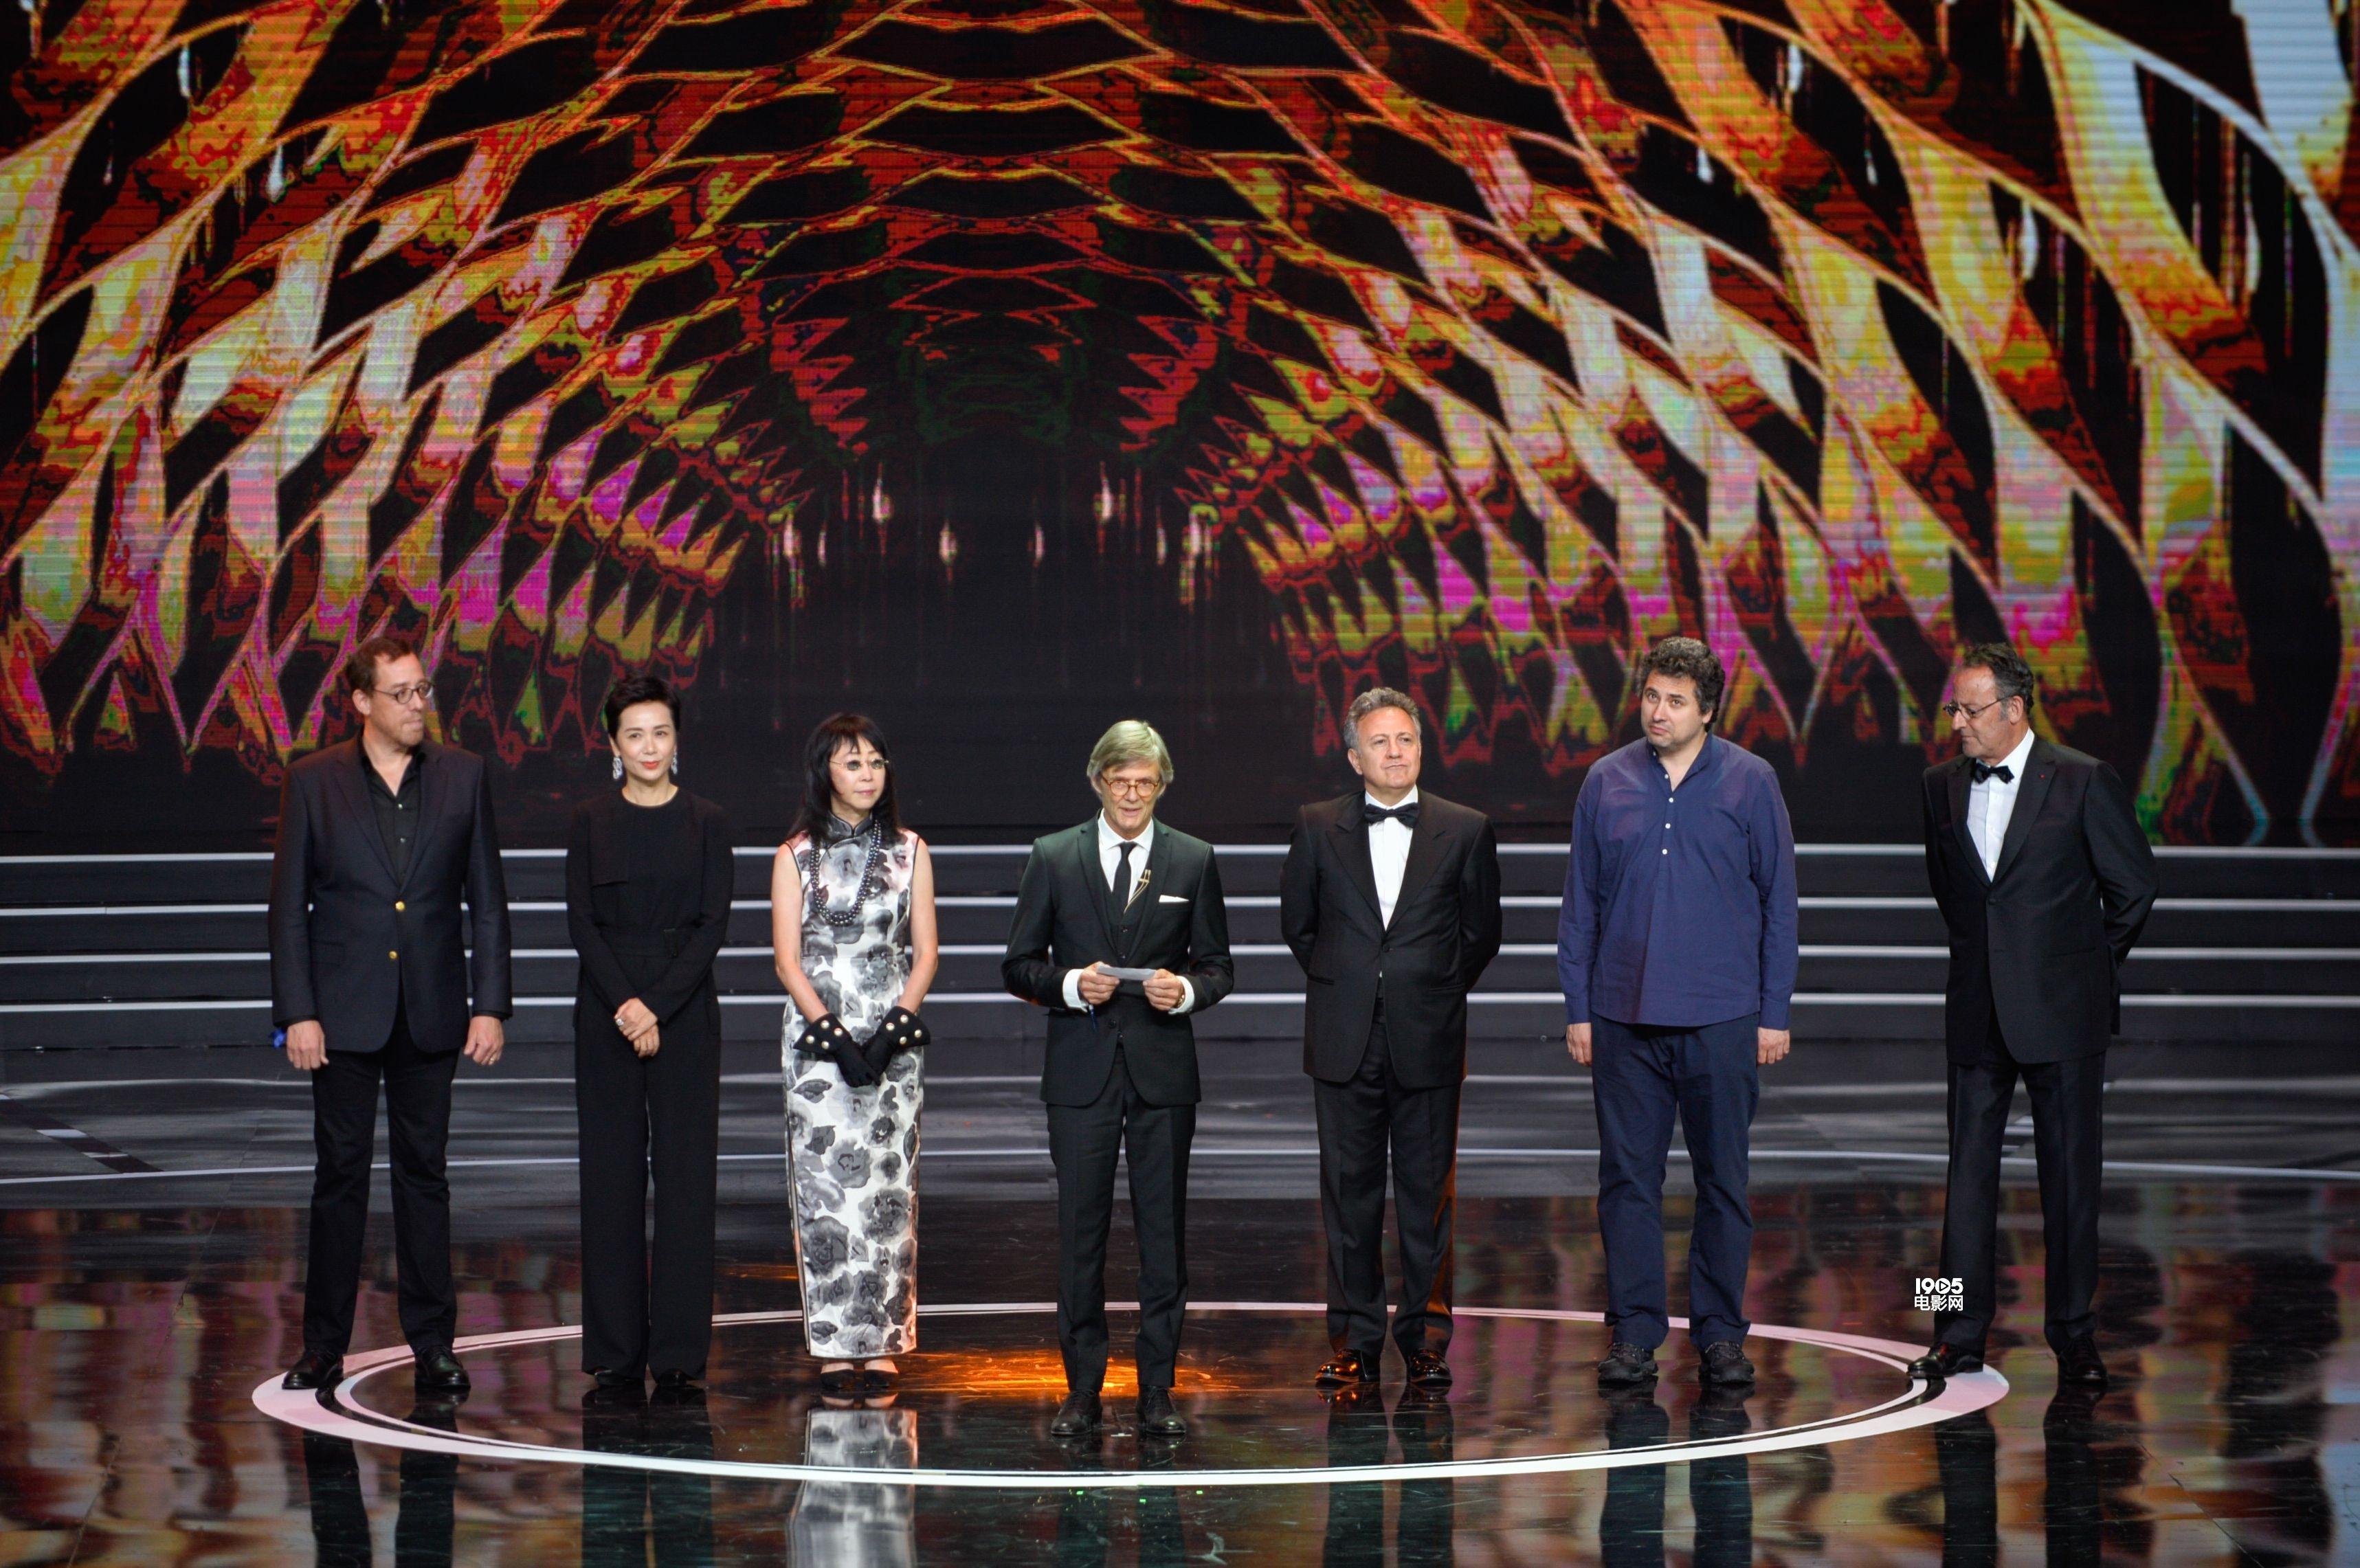 第七届北京国际电影节开幕 中外电影人齐聚助阵